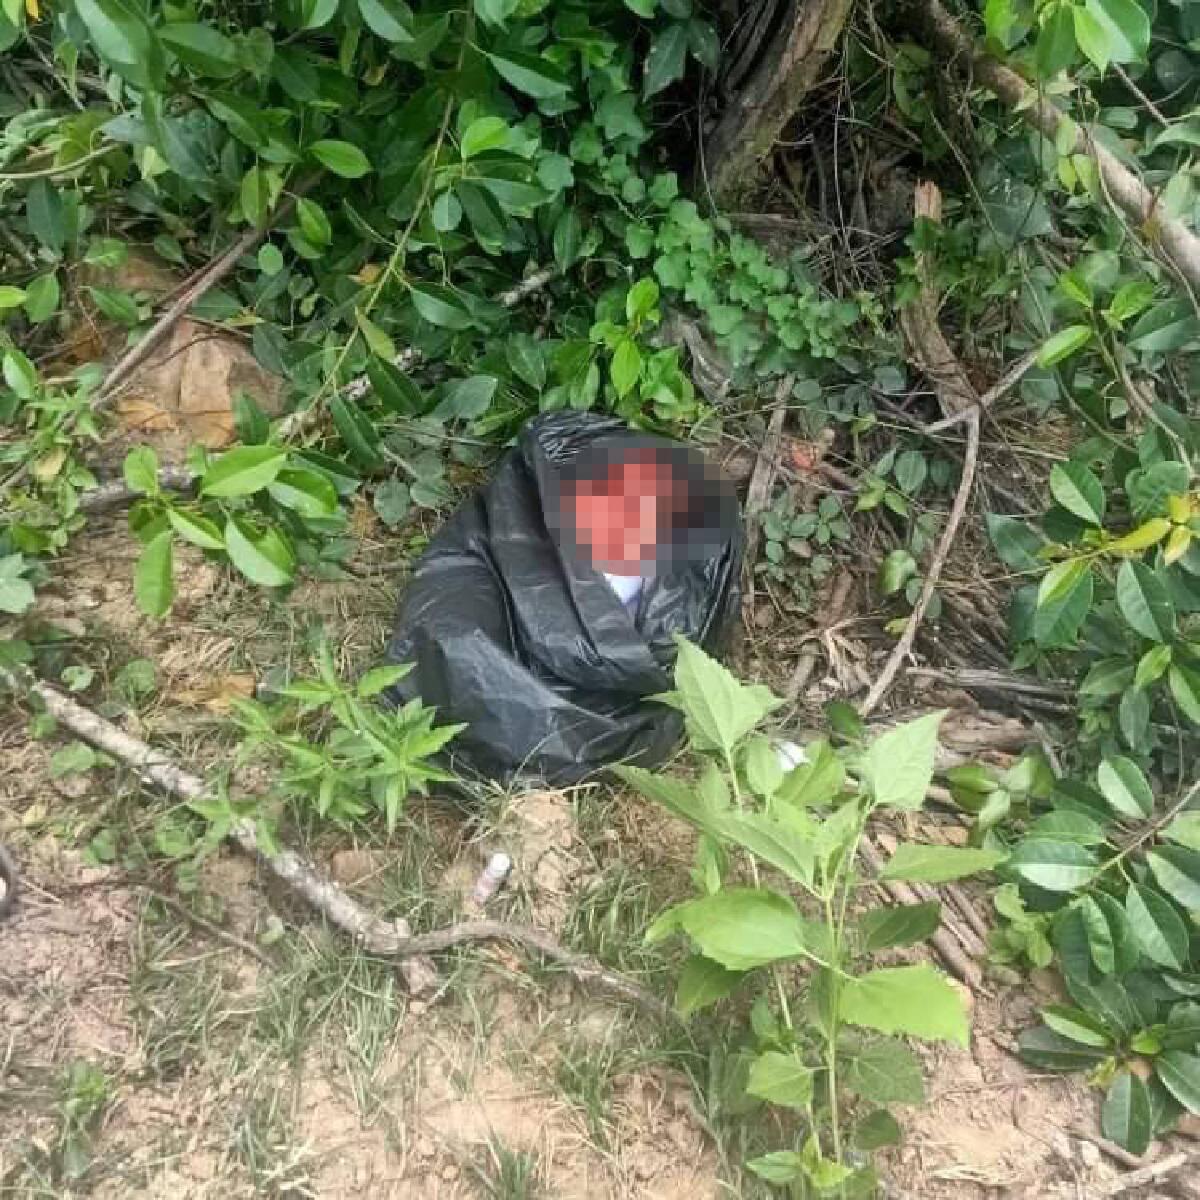 แม่ใจบาปทิ้งทารกแรกเกิดป่าข้างทางมดกัดทั้งตัว โชคดีชาวบ้านช่วยทัน